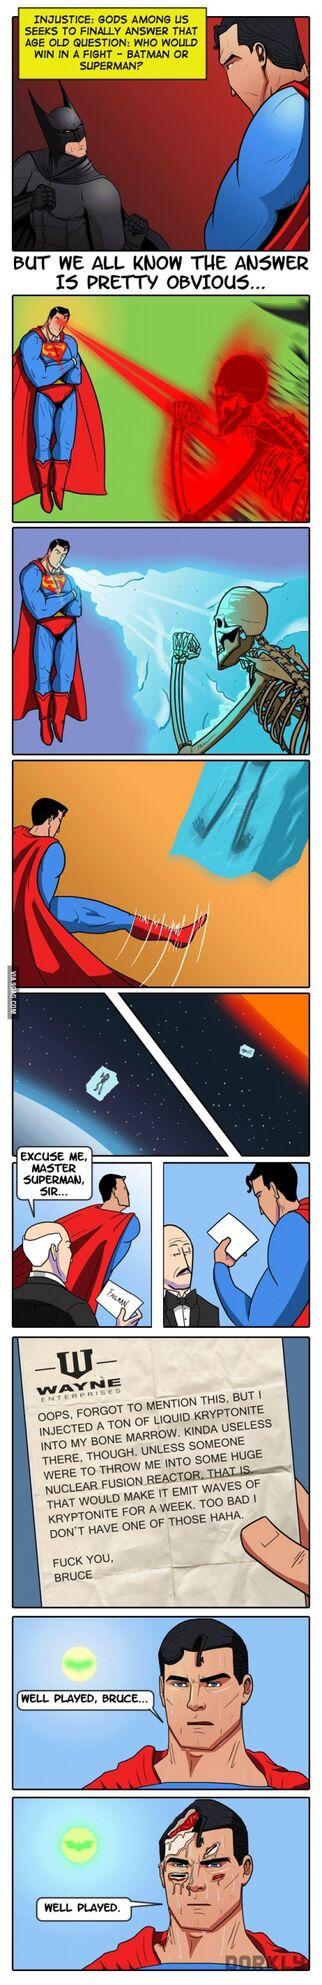 Superman v batman.jpg